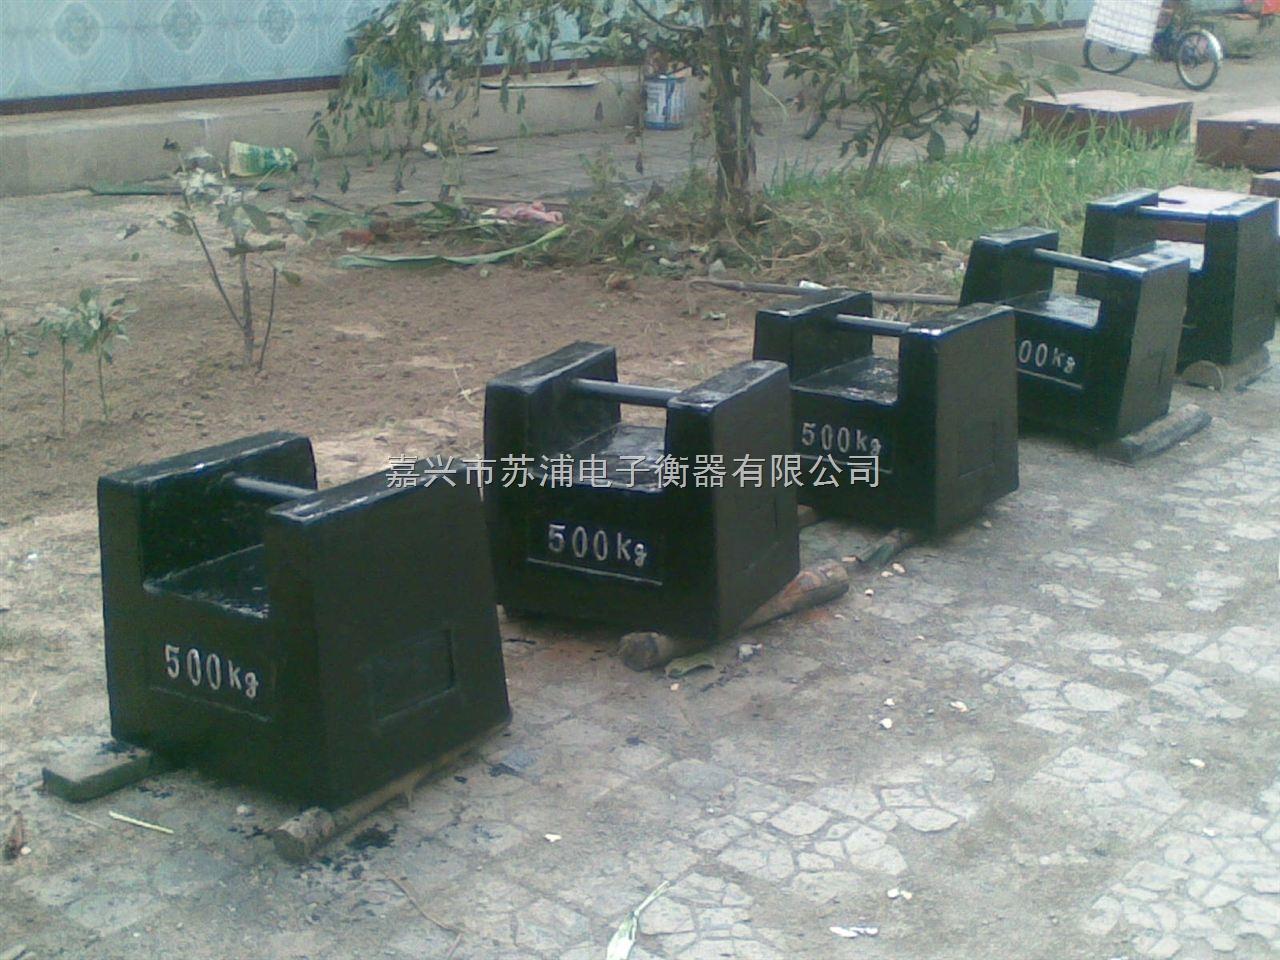 供应标准砝码 铸铁砝码500kg